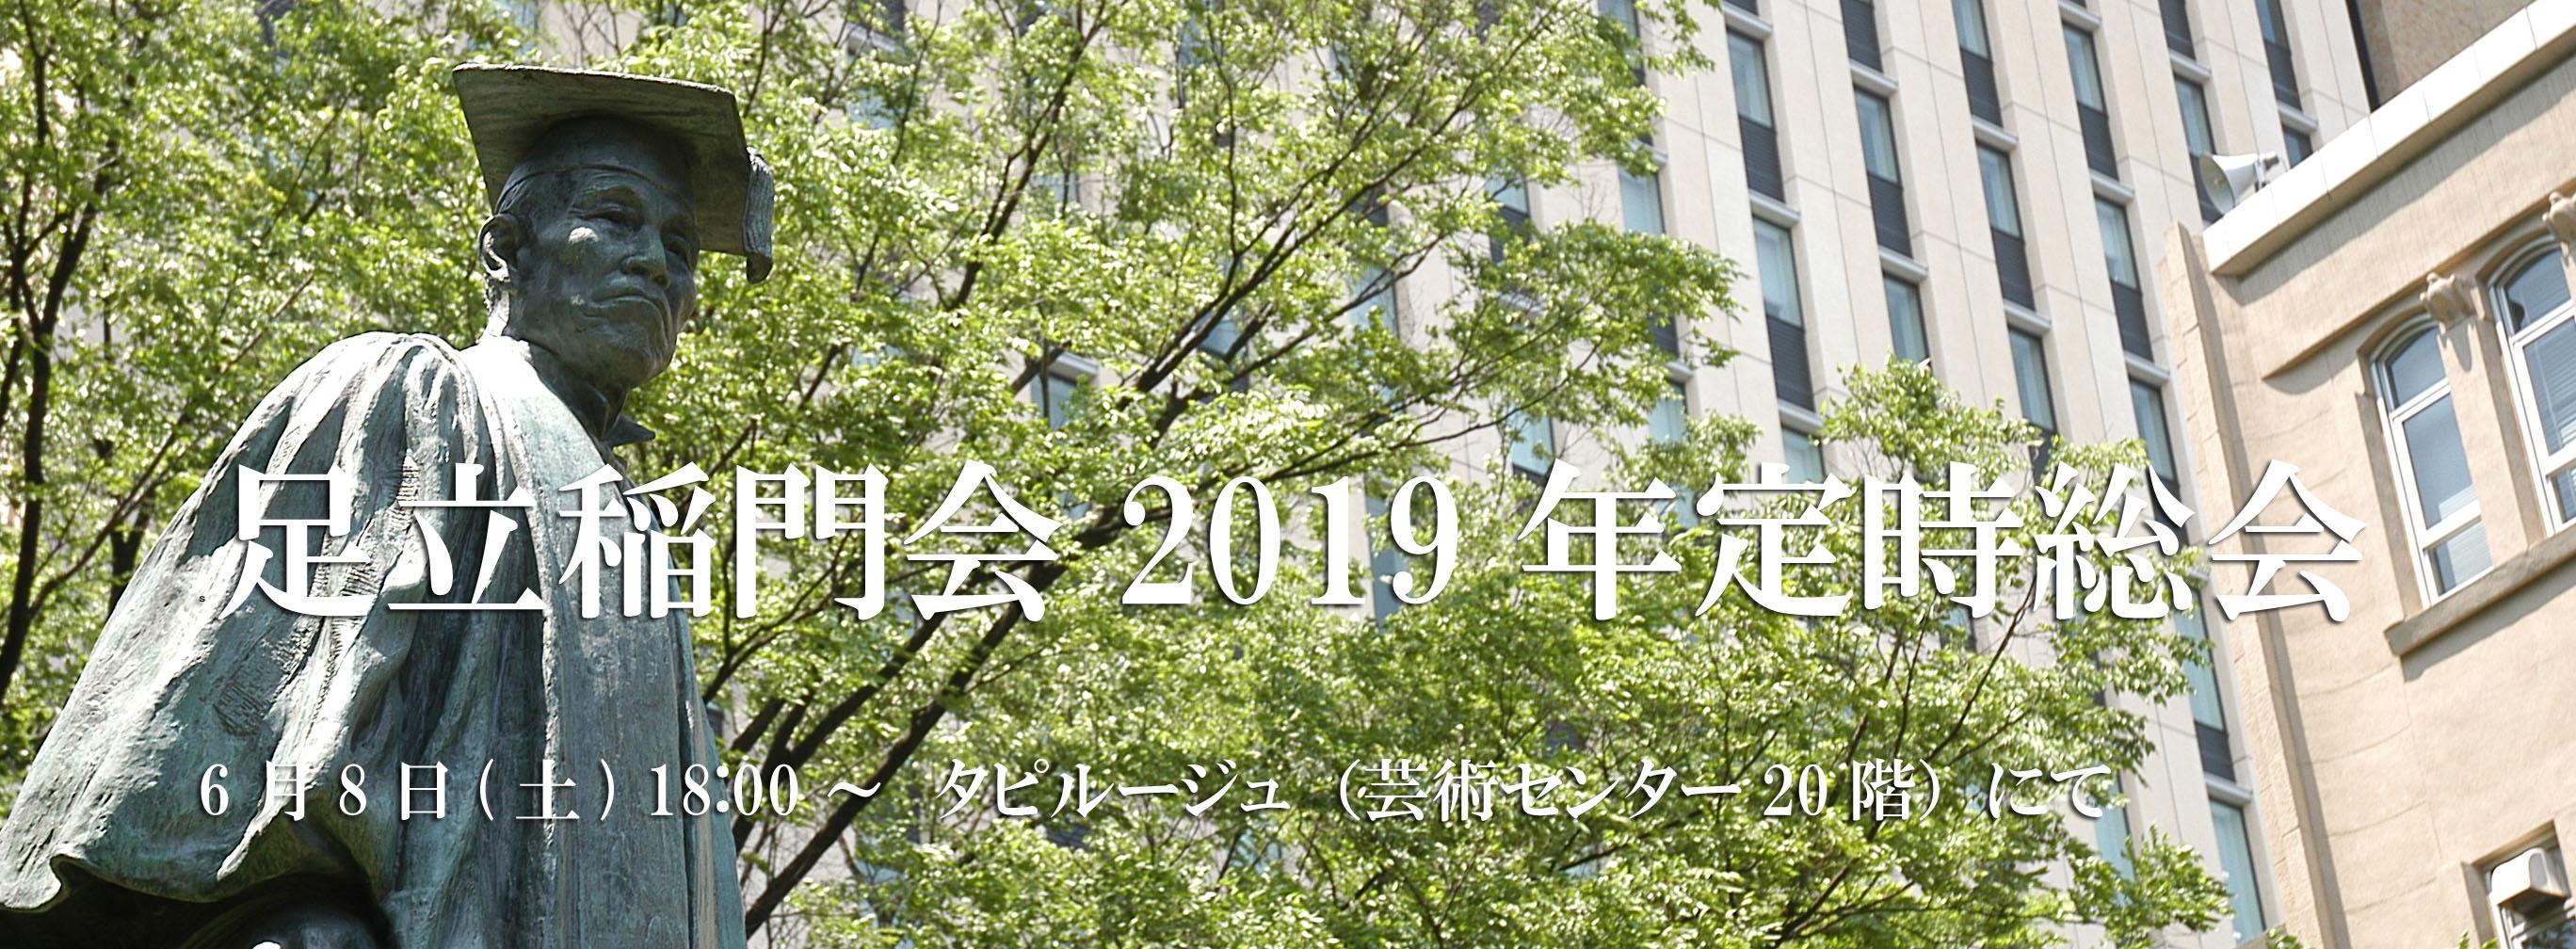 2019年総会